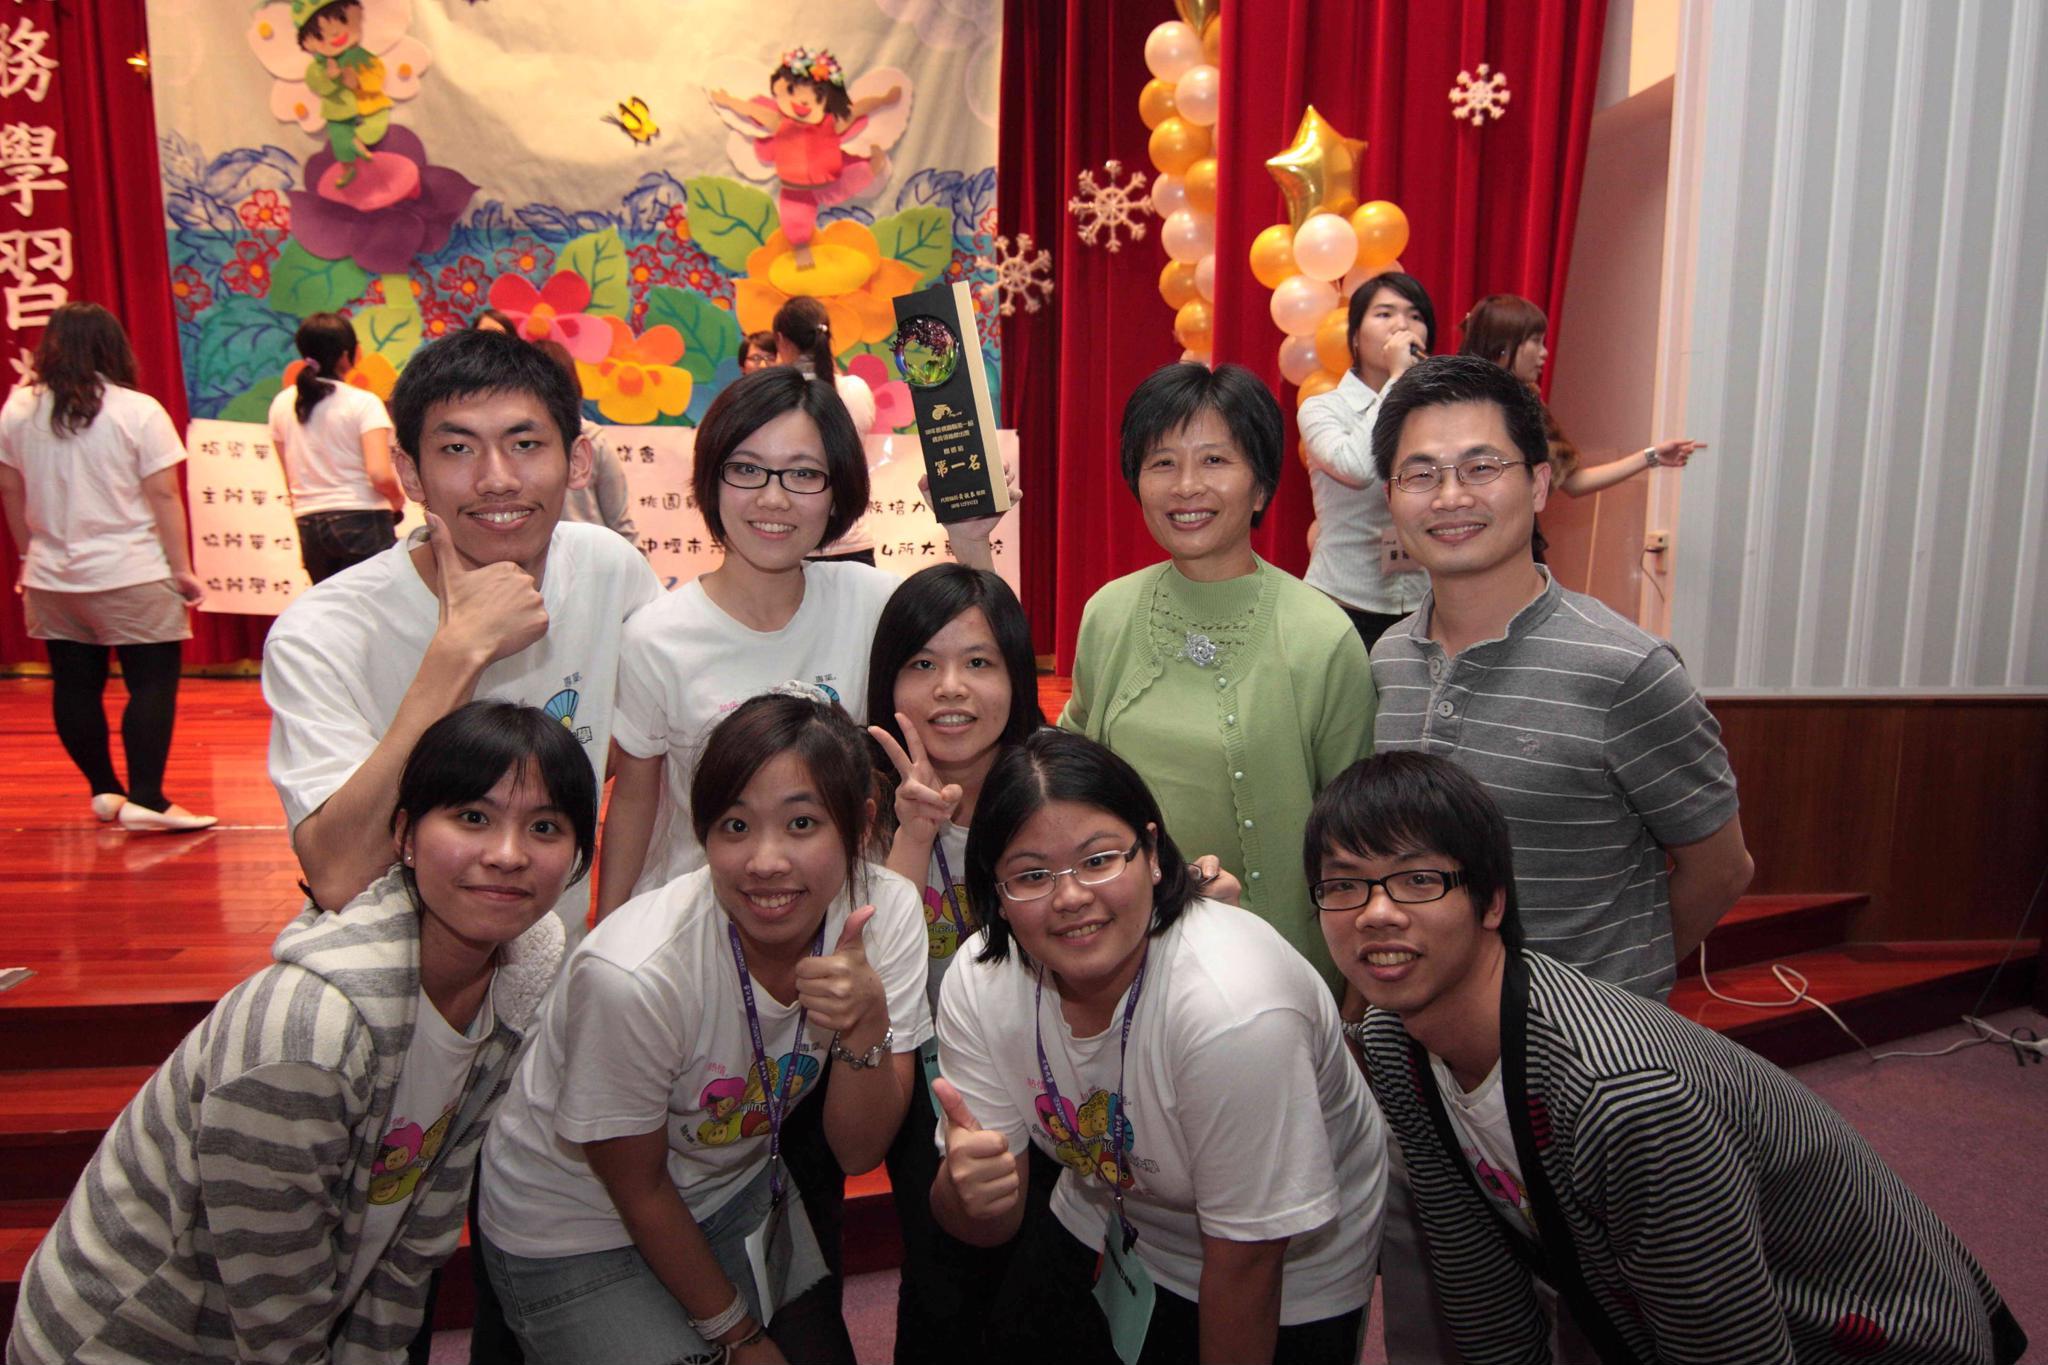 賀!中原大學「柬不斷的愛」團隊榮獲第一屆桃青領袖獎團體組第1名